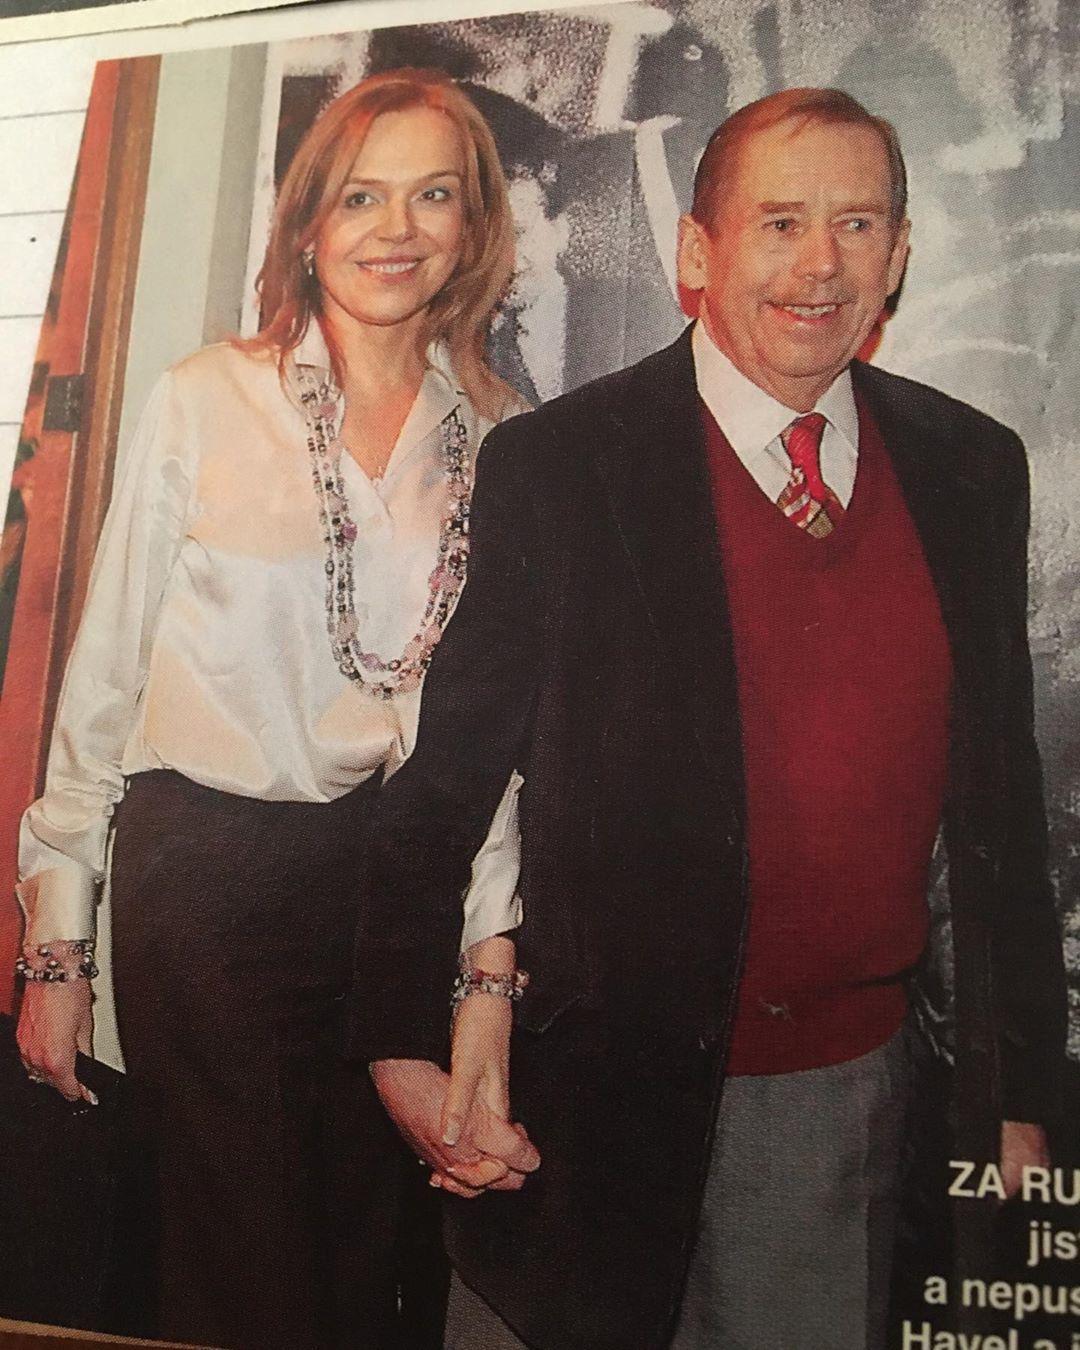 Dagmar Havlová sdílela fotku s Václavem